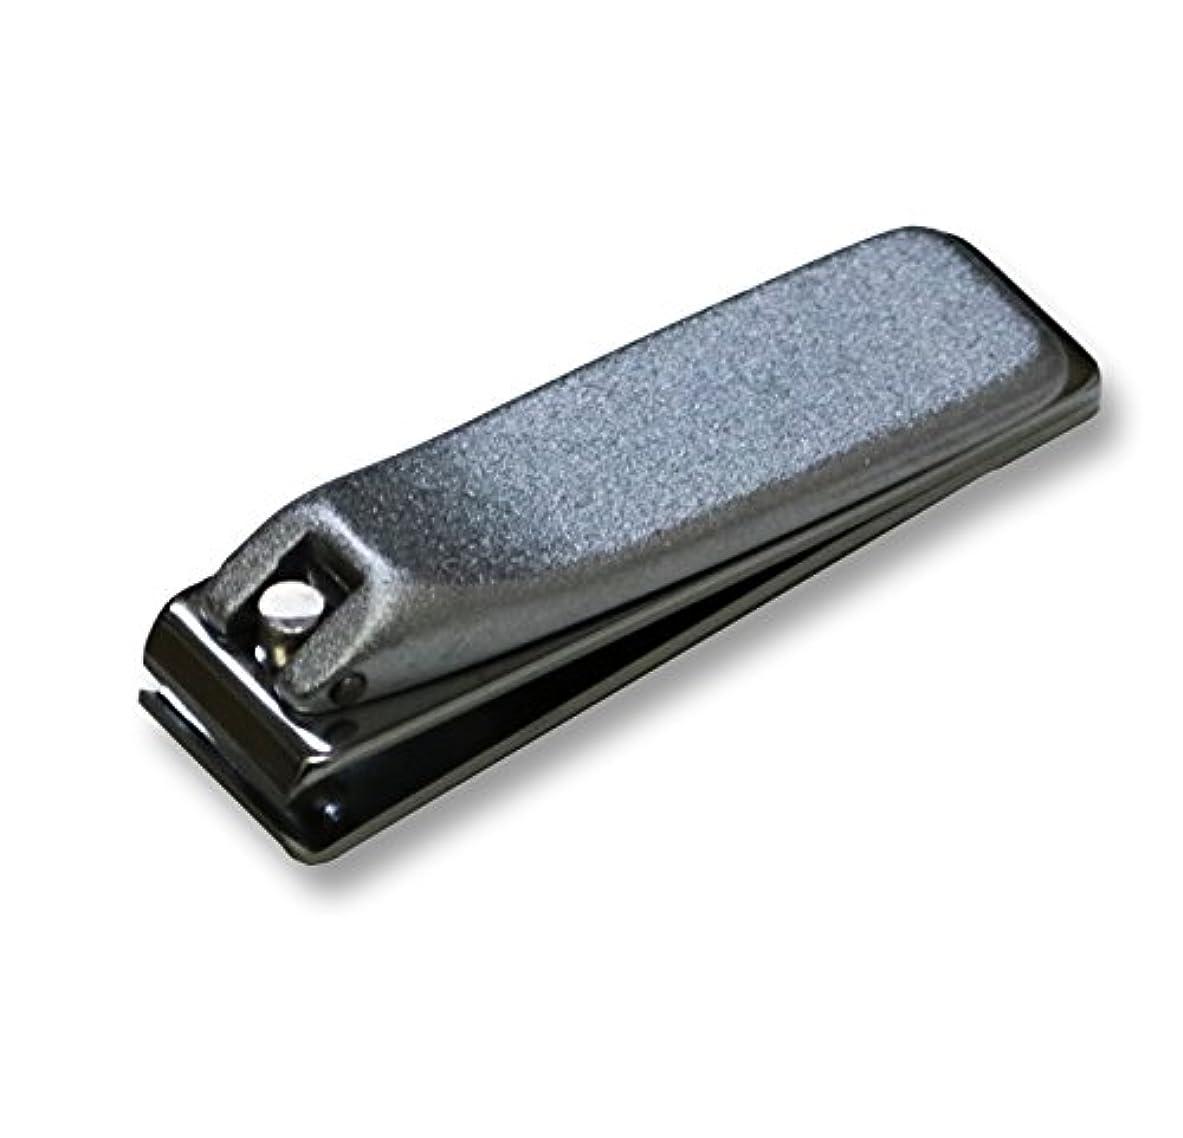 周術期進化するおいしいKD-035 関の刃物 クローム爪切 直刃 小 カバー無